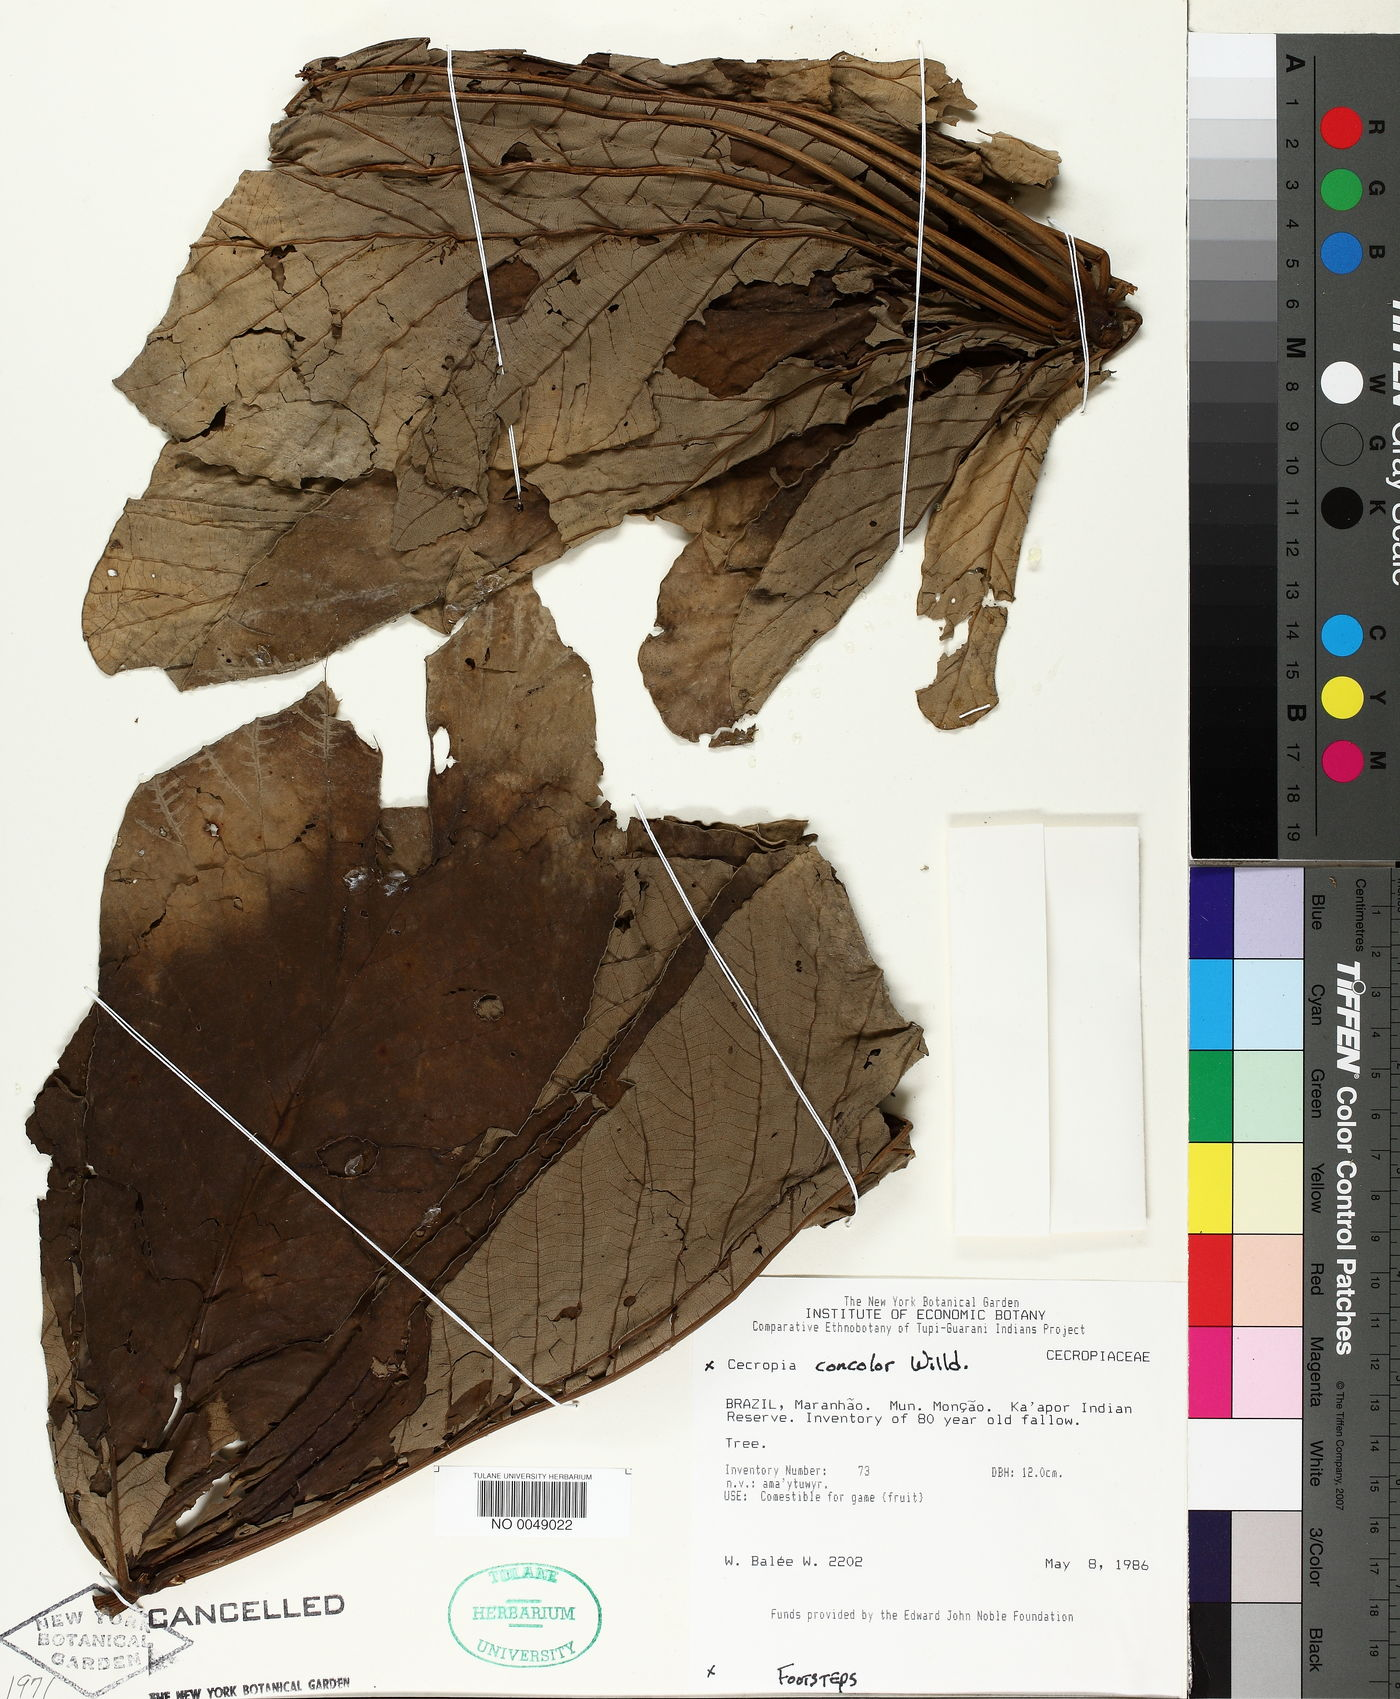 Cecropia concolor image